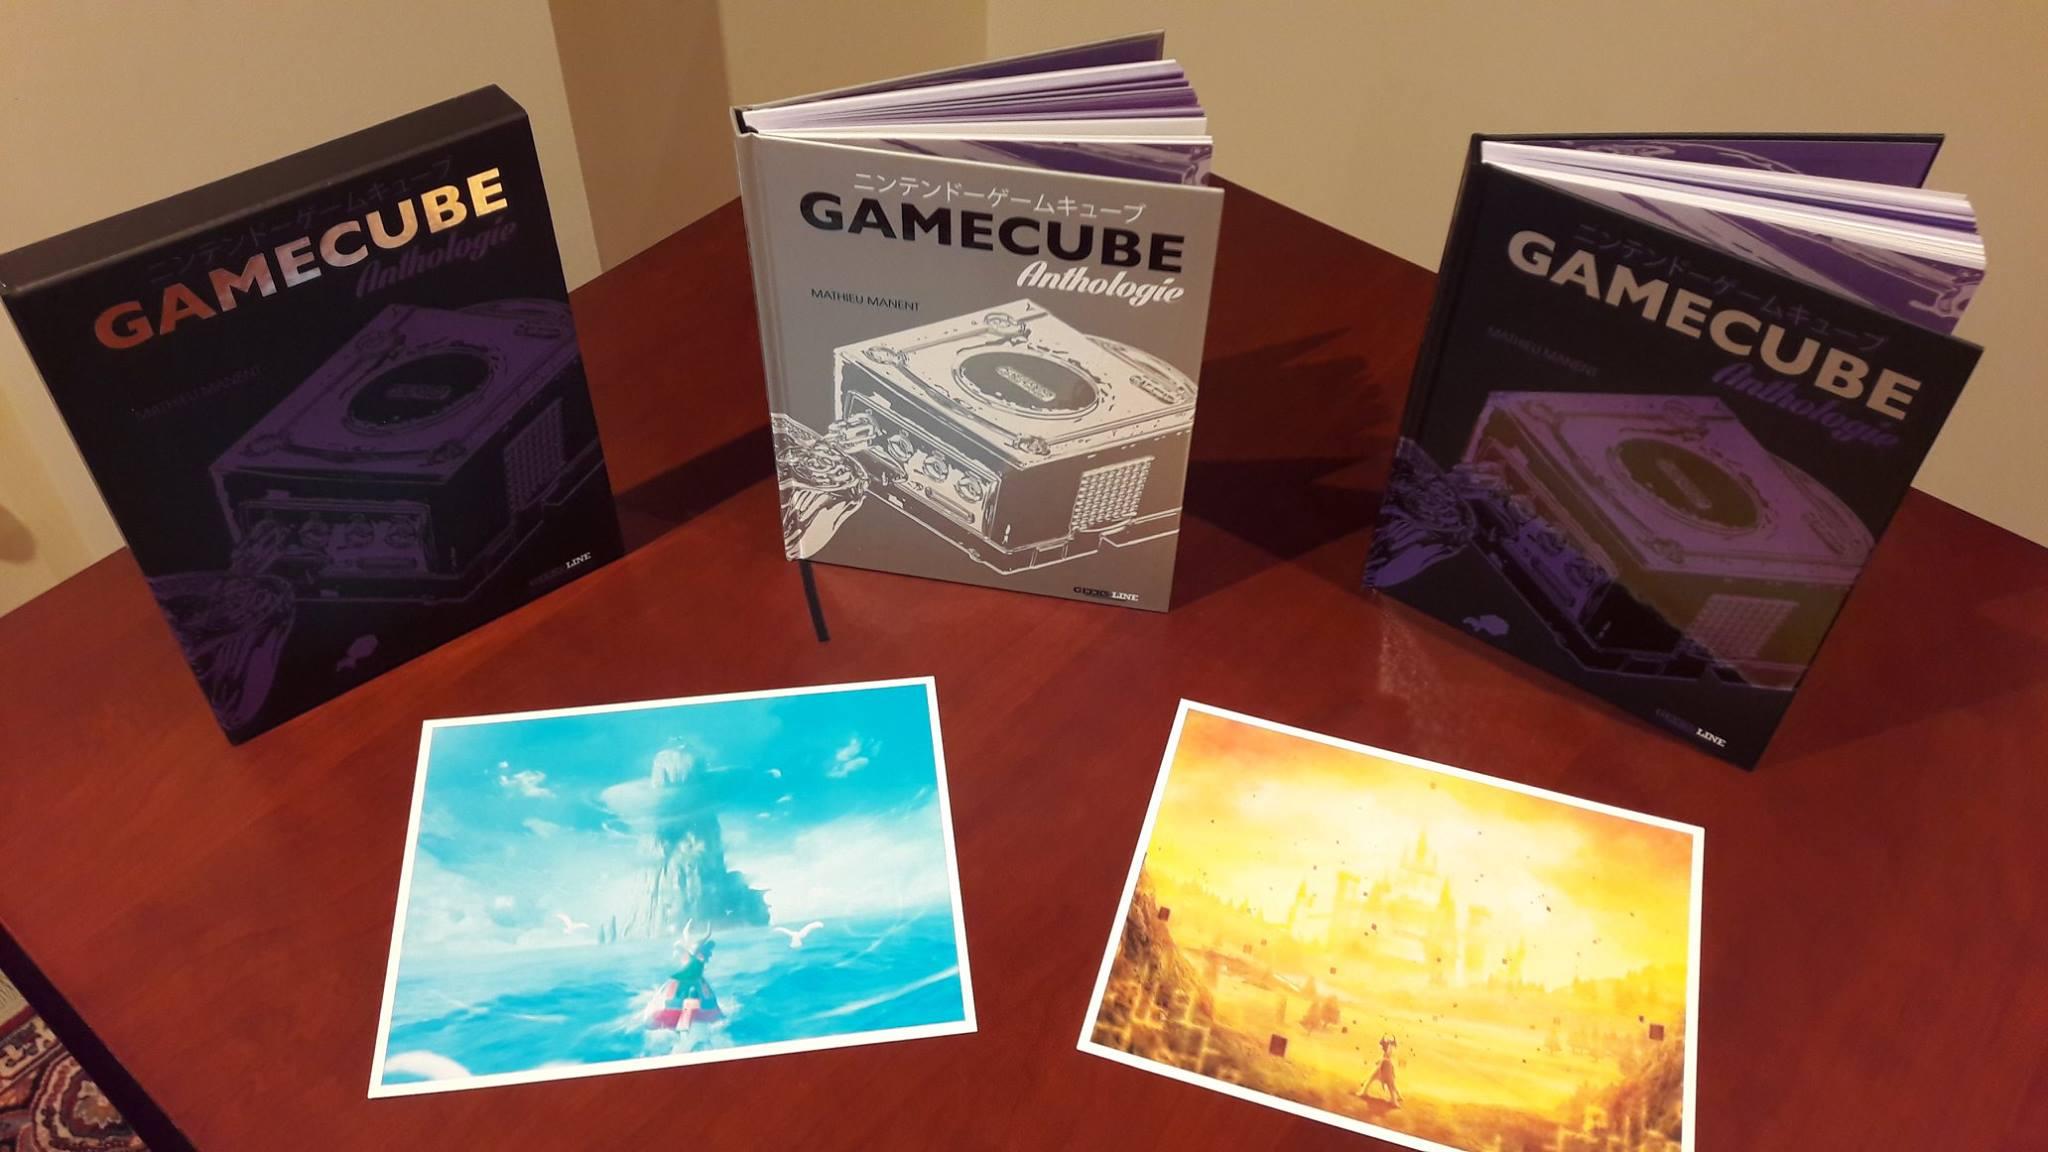 Anthologie Gamecube 1502473983-20729150-1993505677550439-7555061523714279693-o